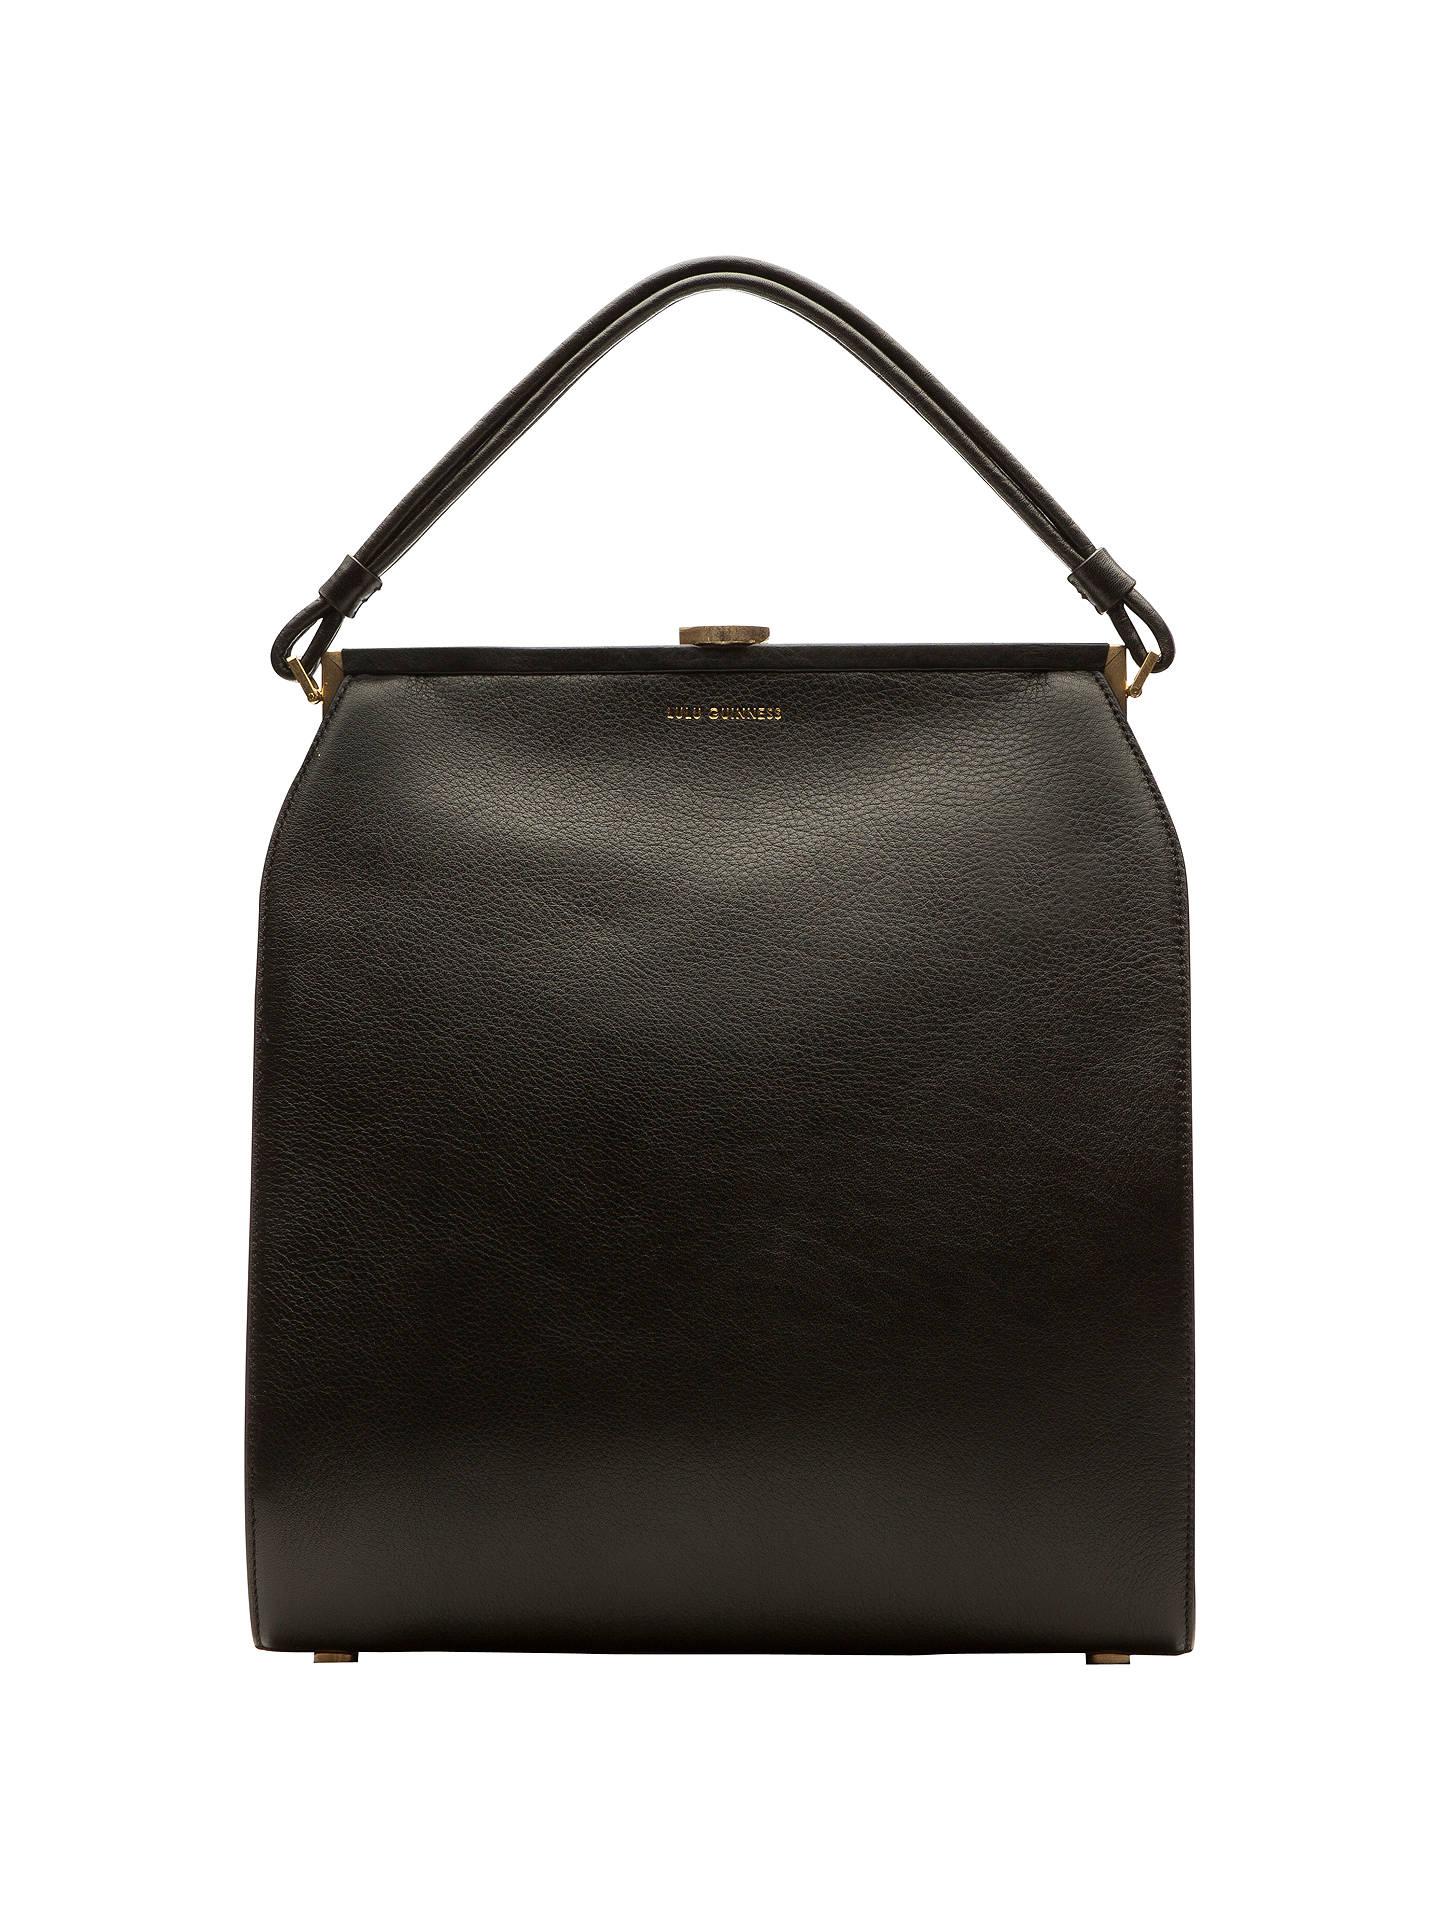 Lulu Guinness Victoria Leather Medium Shoulder Bag Black Online At Johnlewis